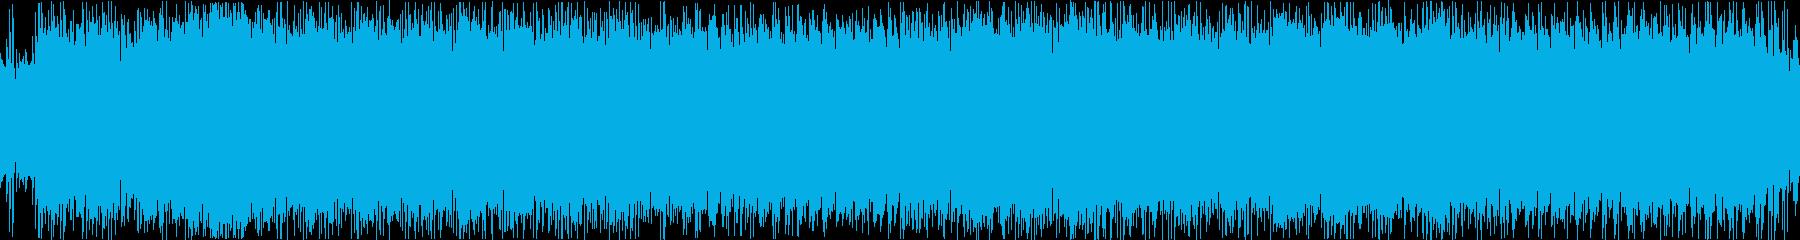 和風/モダン/箏/EDM/ループの再生済みの波形